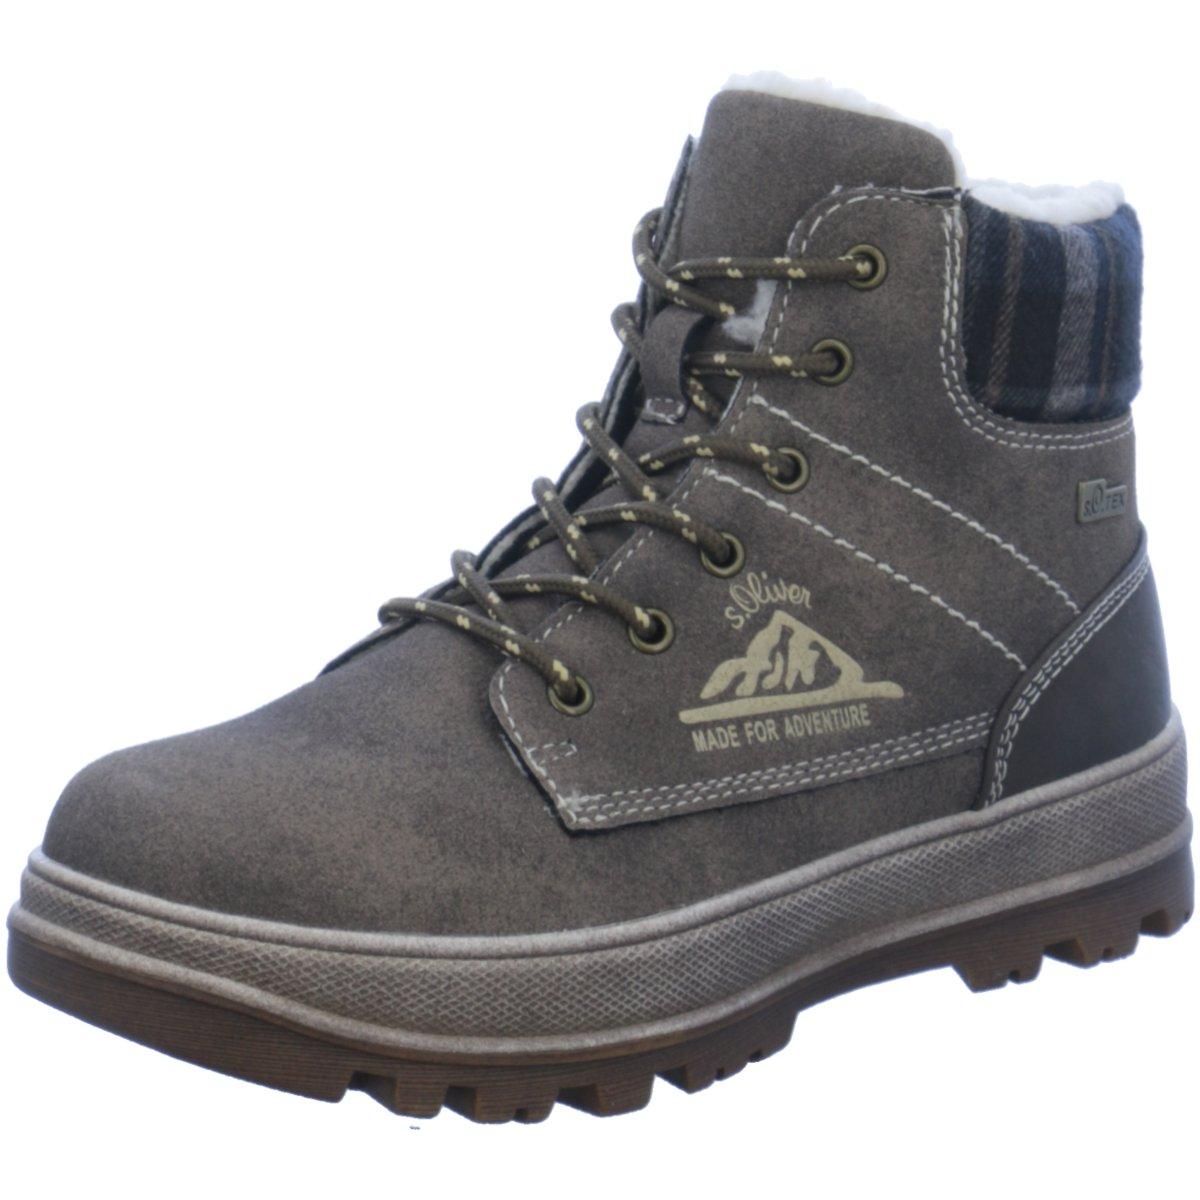 s.Oliver Kinder Schnuerstiefel Kids Boots 5-5-46107-29//324 braun 354570